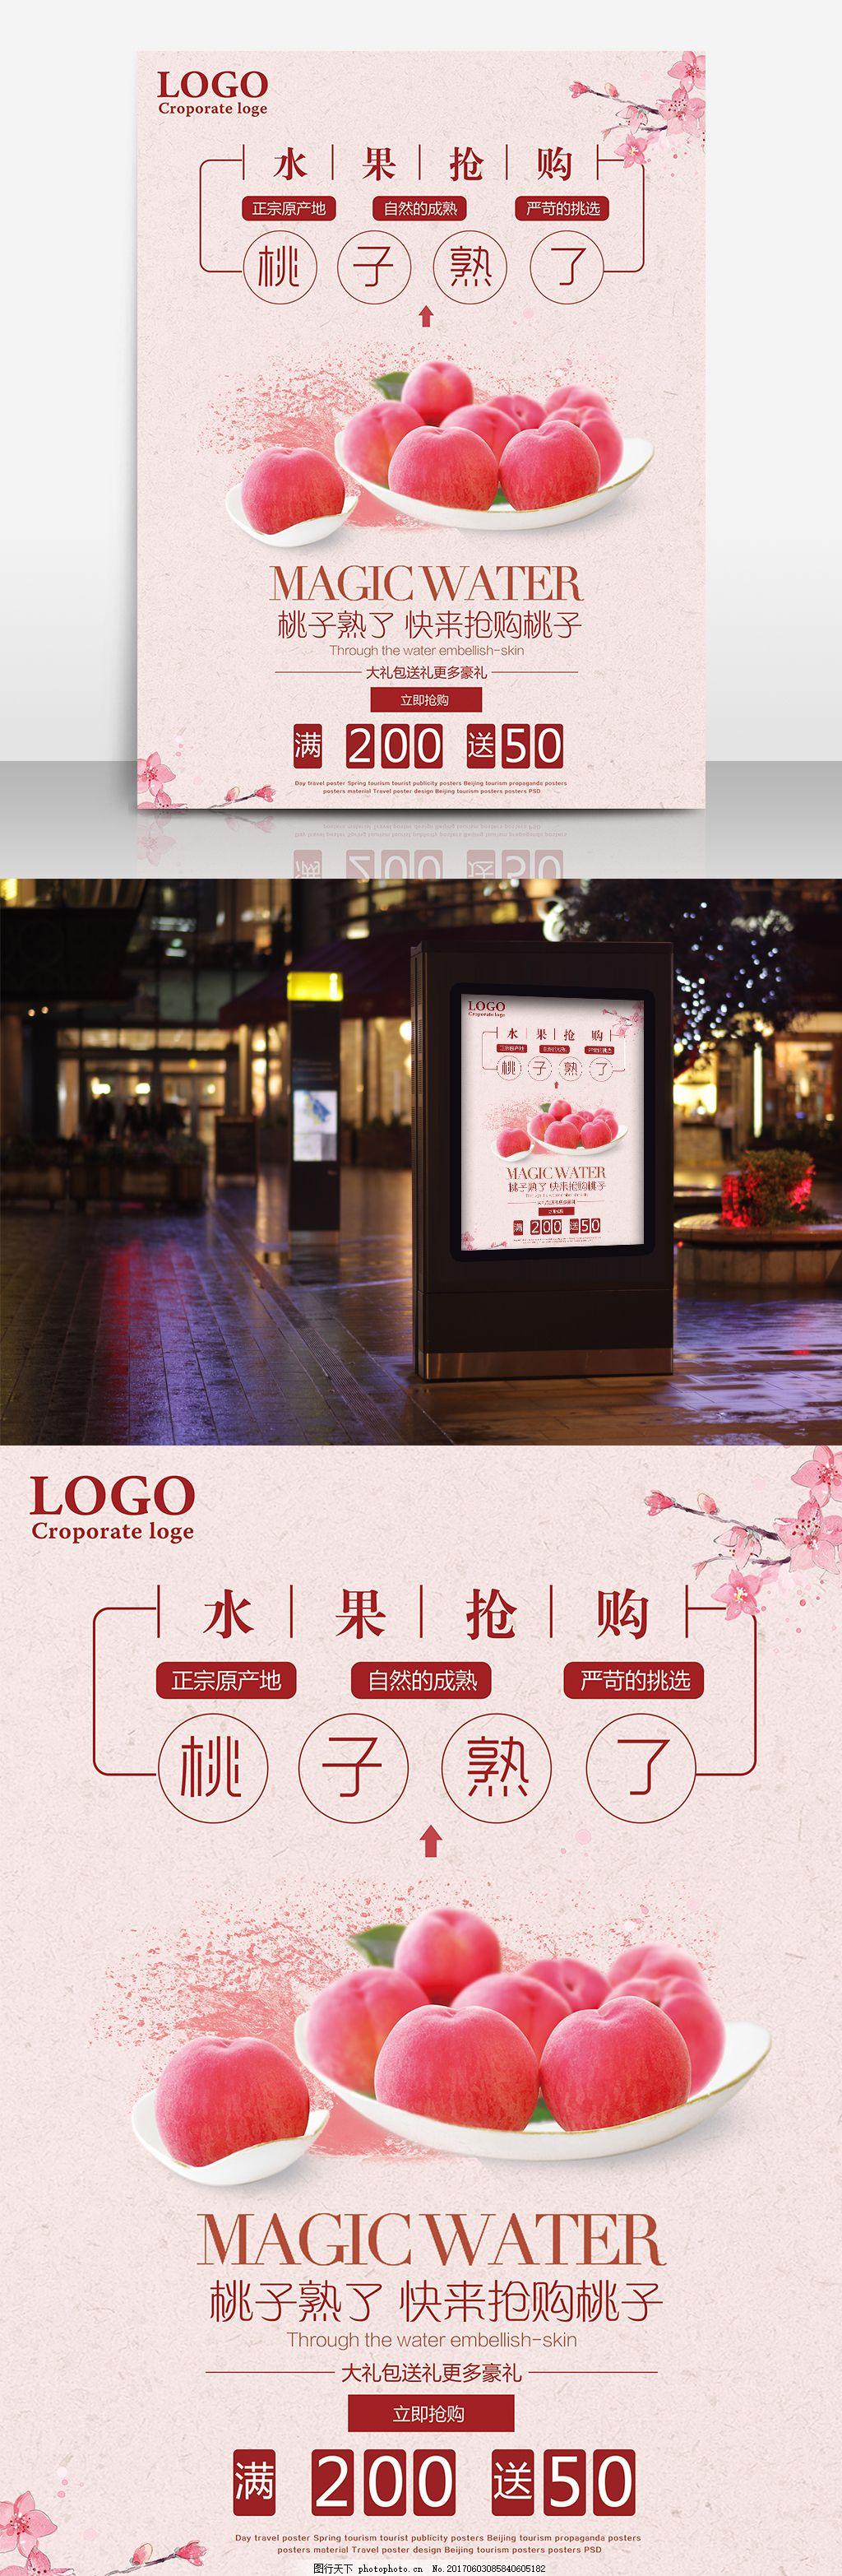 桃子熟了宣传促销海报 蜜桃 蜜桃采摘 蜜桃图片 蜜桃展板 水果蜜桃